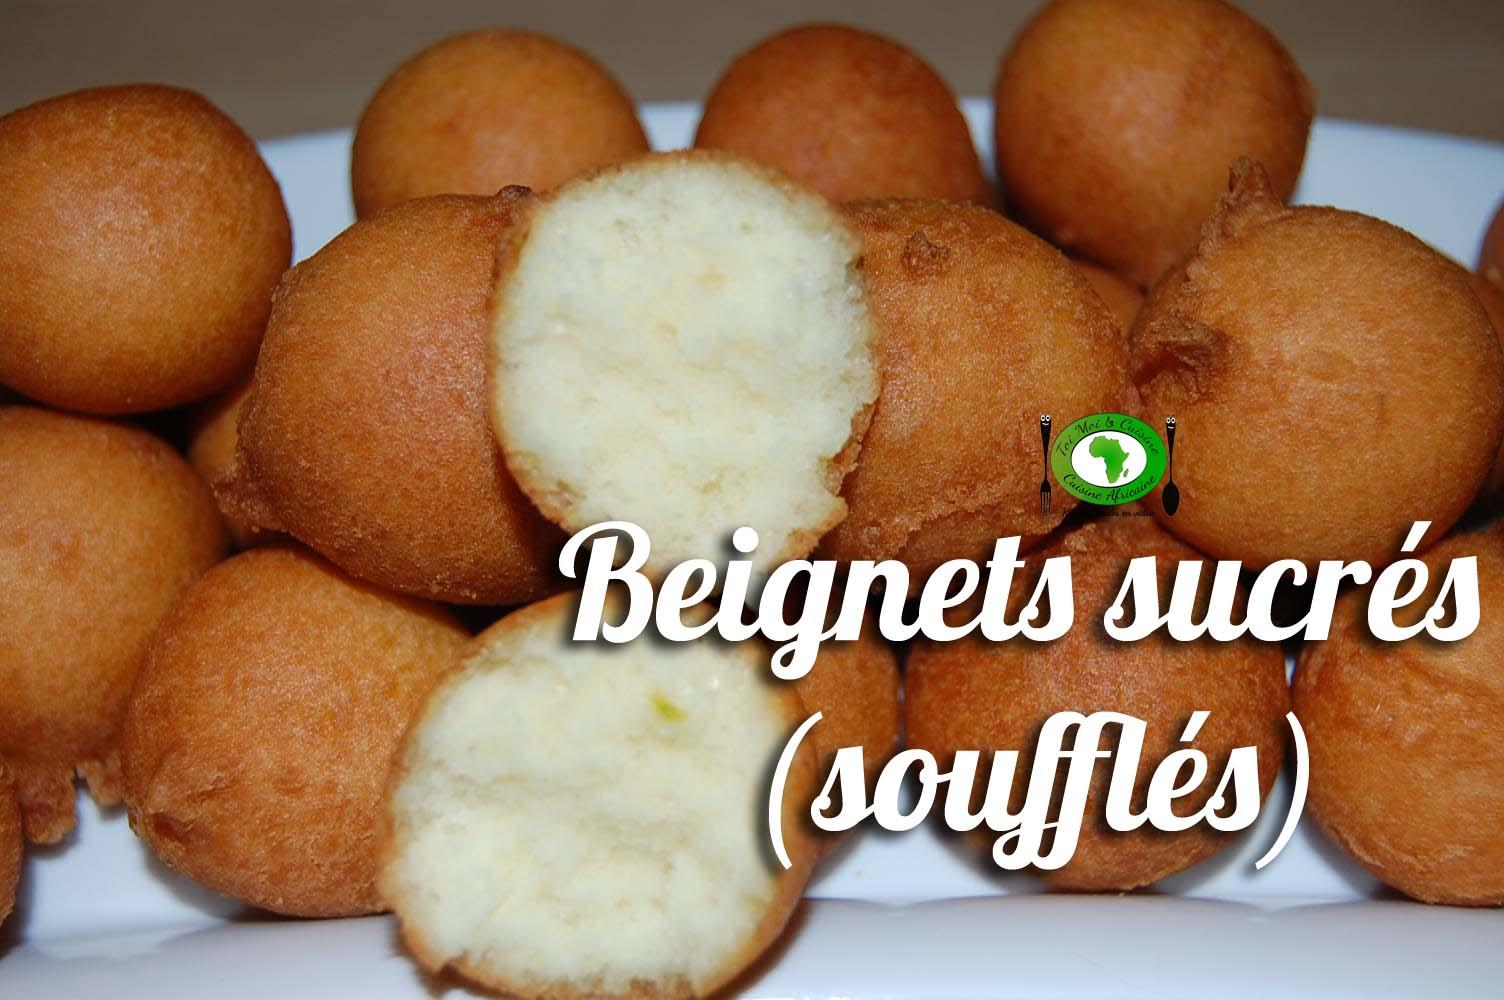 Beignets sucr s souffl s pour le cameroun tchop afrik 39 a cuisine - Recette pate a beignet sucre ...